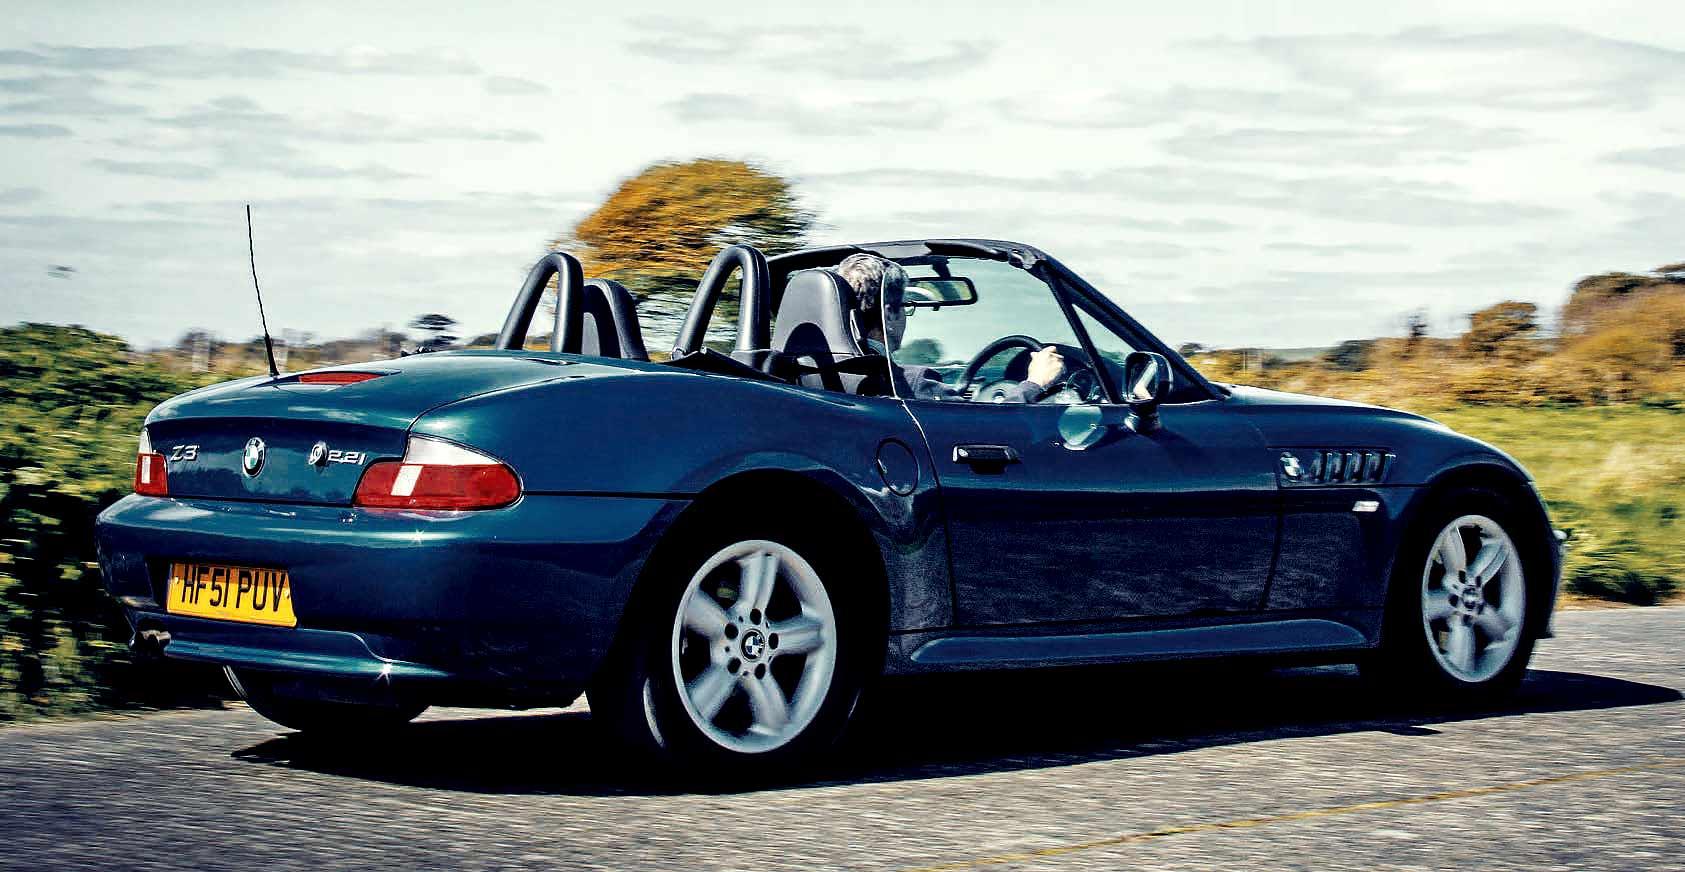 Affordable Fun BMW Z E DriveMy Blogs Drive - Affordable bmw